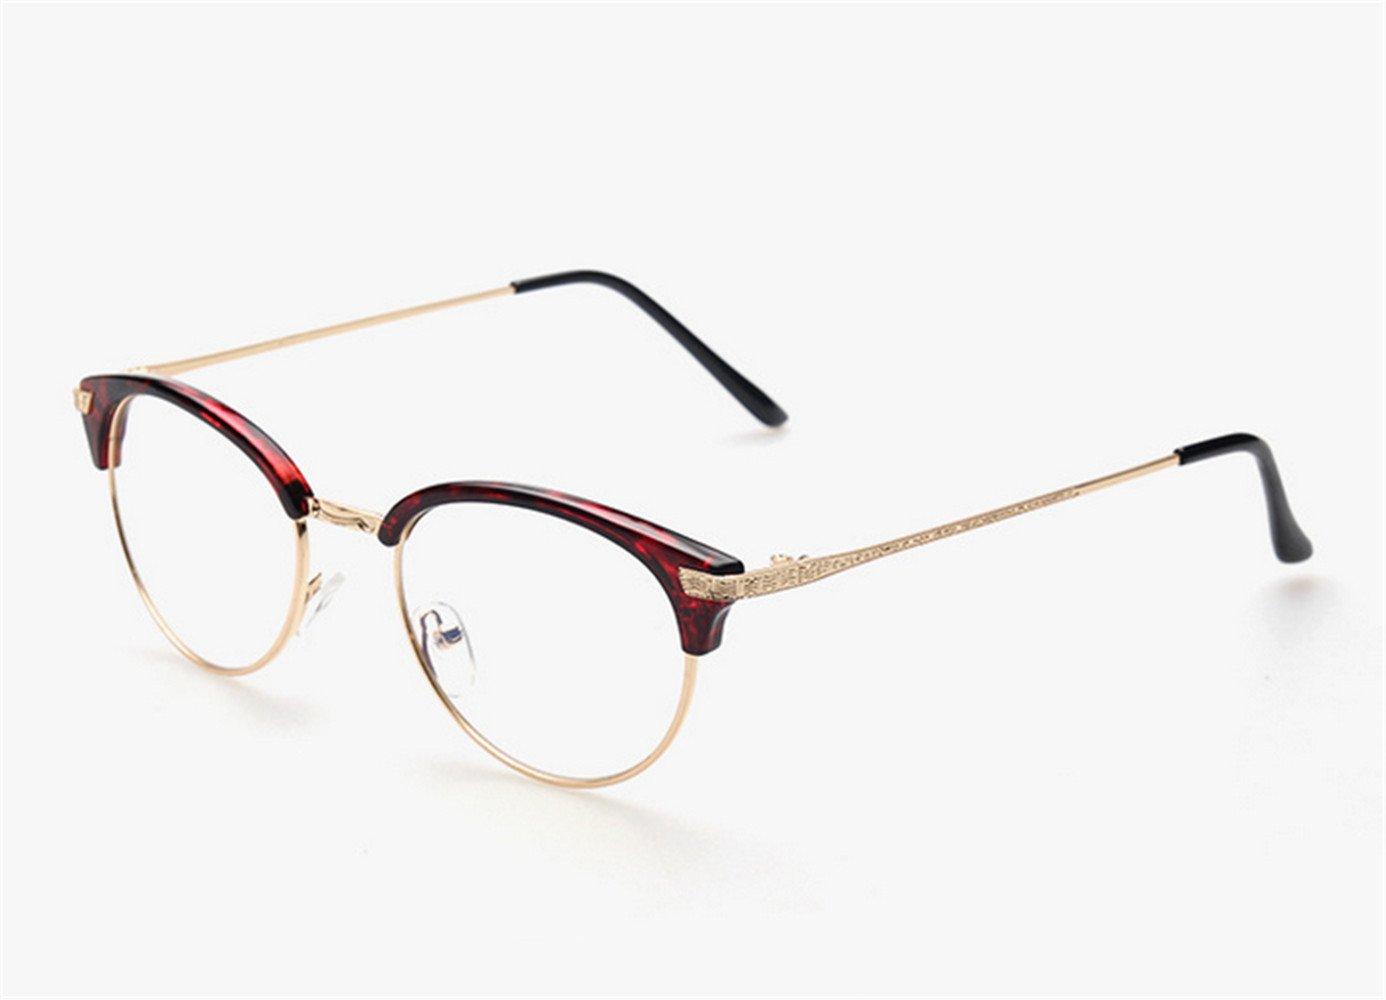 SMX Gafas Neutras para/Eliminan la Fatiga y la Irritación Visual/Gafas Anti LUZ Azul y UV para Pantalla/Filtro luz Azul de Descanso para pcAnti-radiación ...